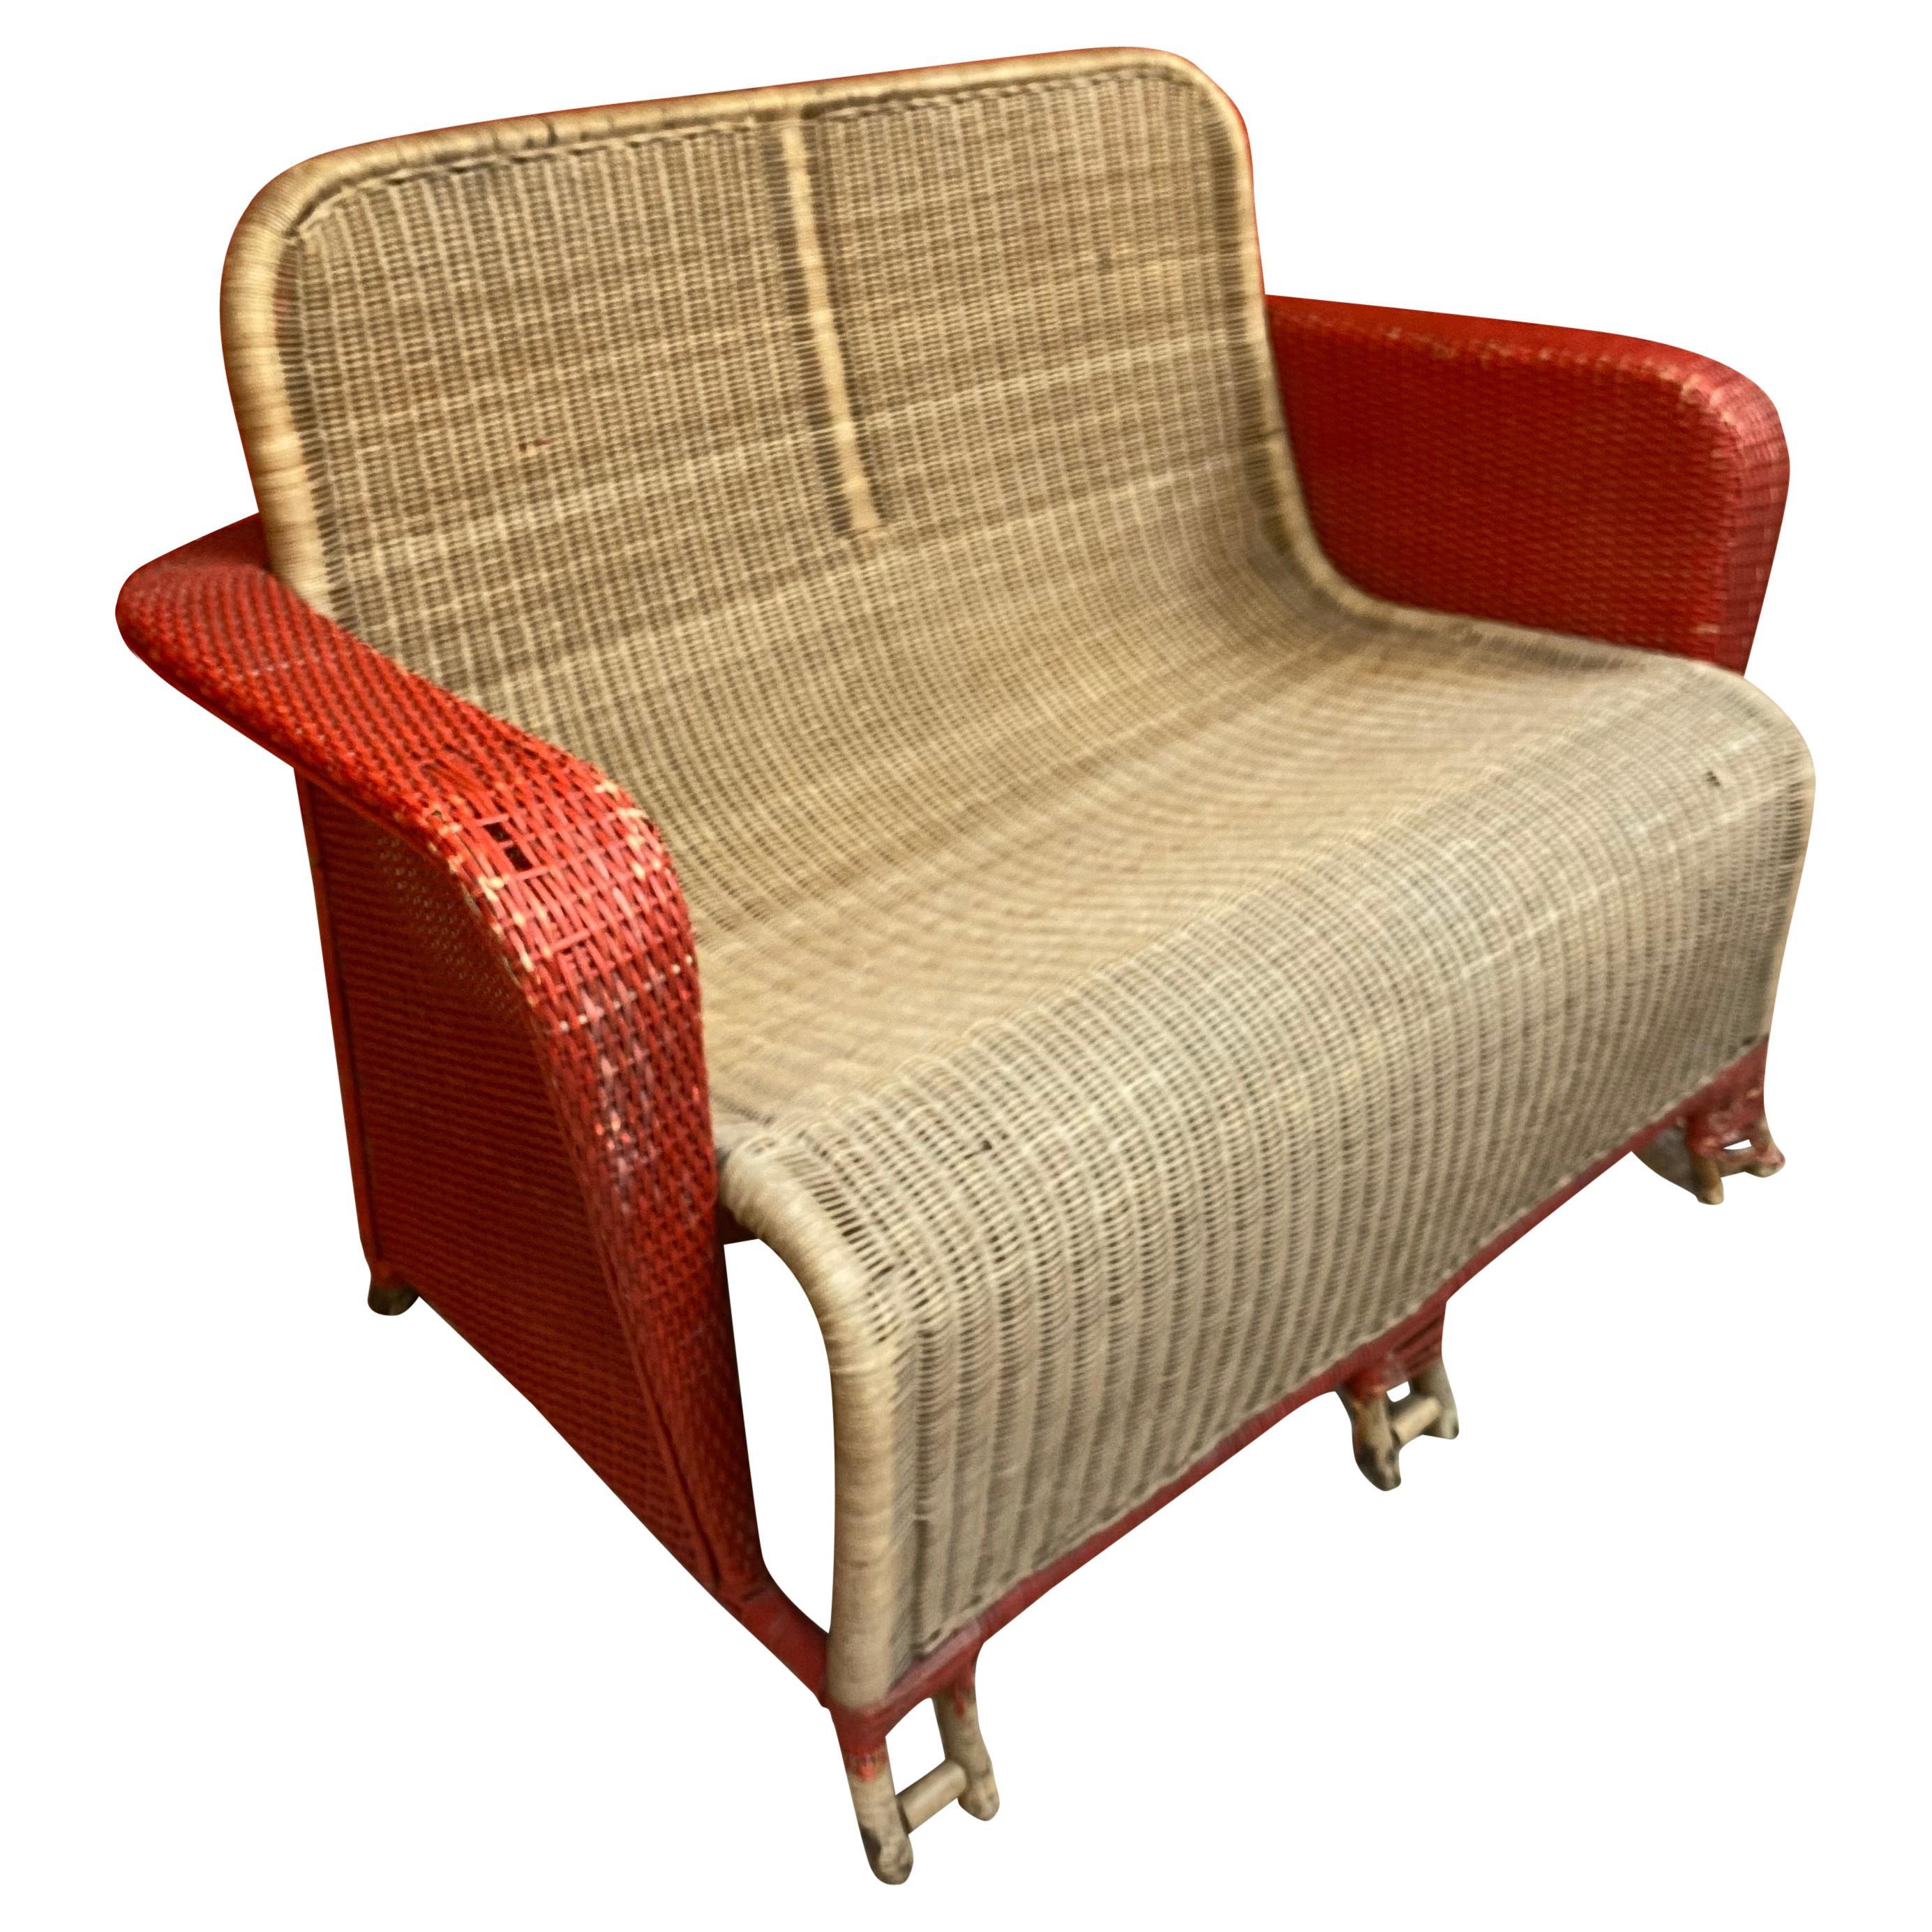 Art Deco Rattan Sofa, circa 1930